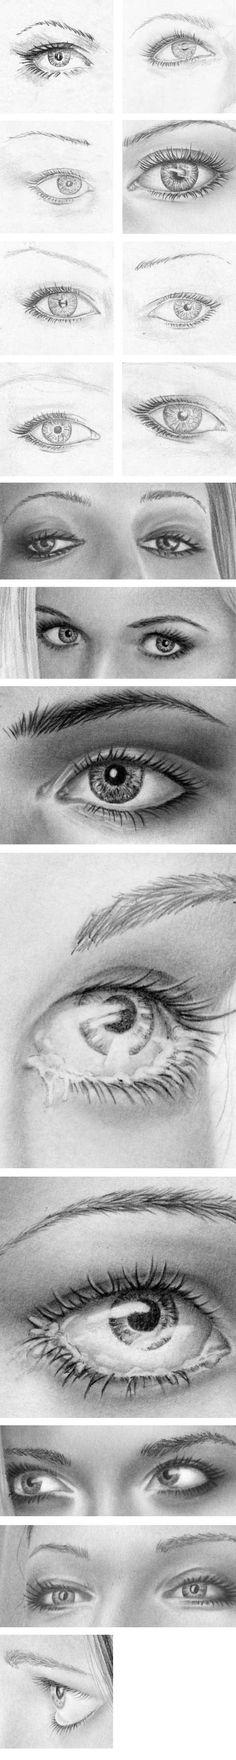 Zeichnen   lernen - Tutorial Augen, Pupille und Iris